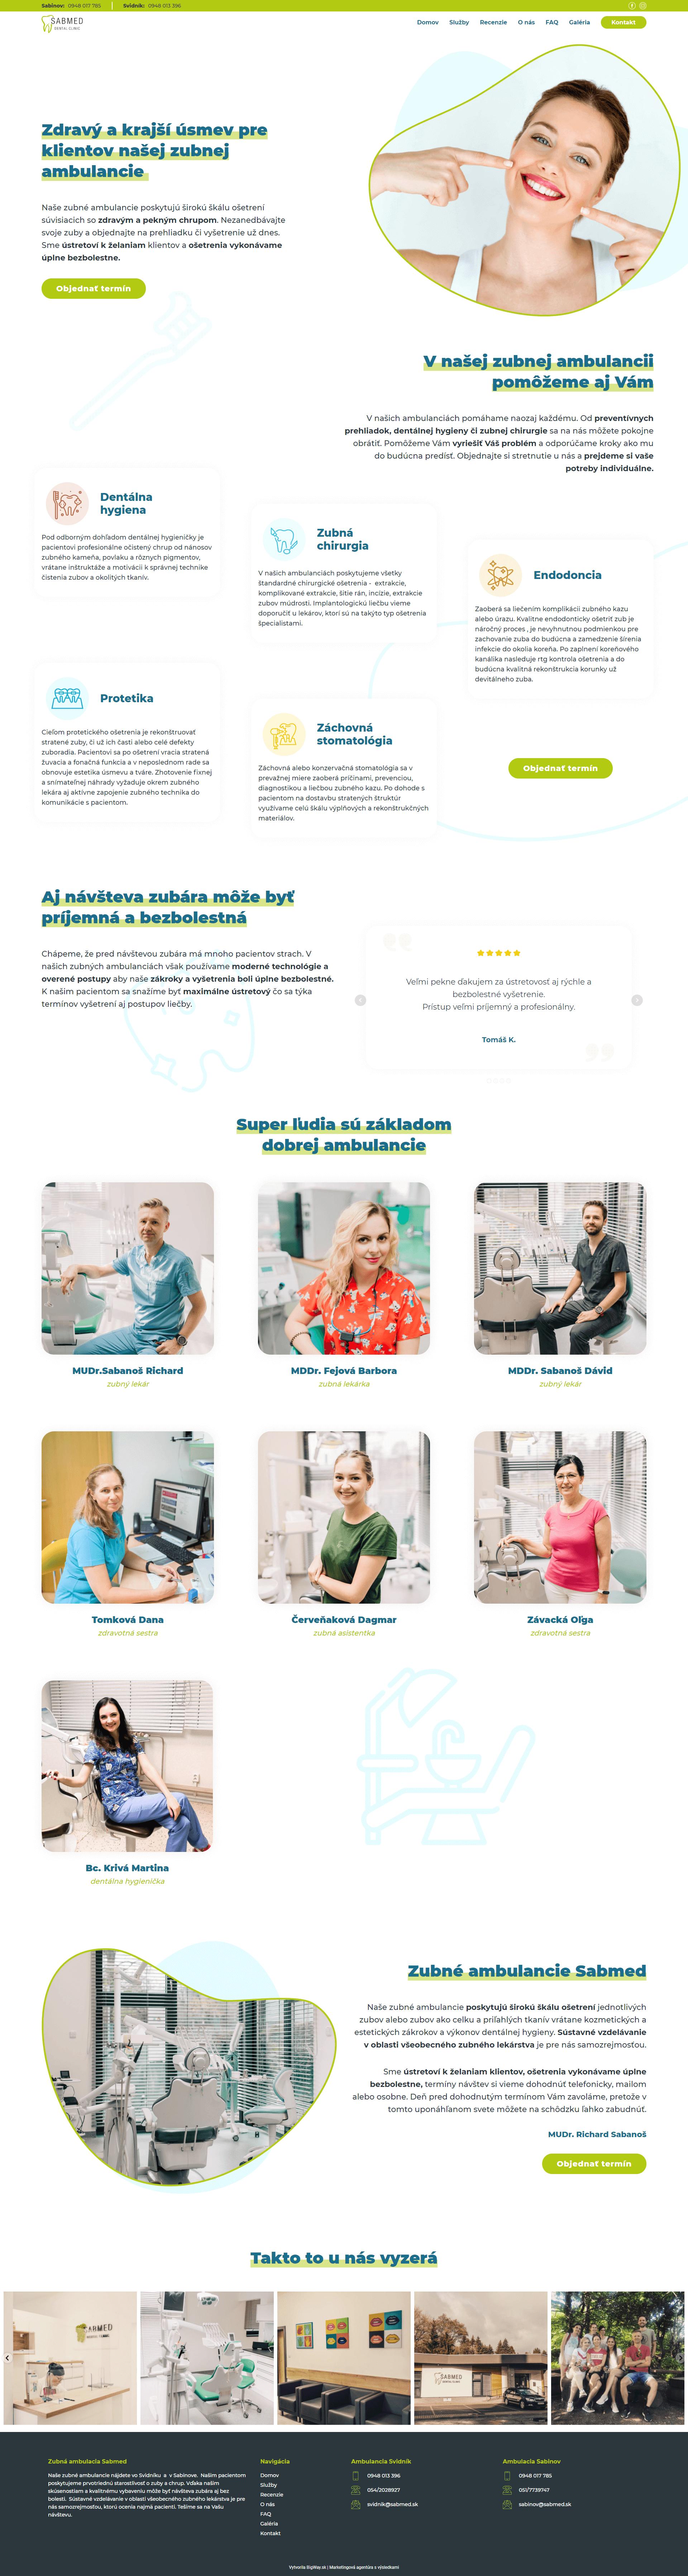 Tvorba webstránky pre zubnú ambulanciu Sabmed